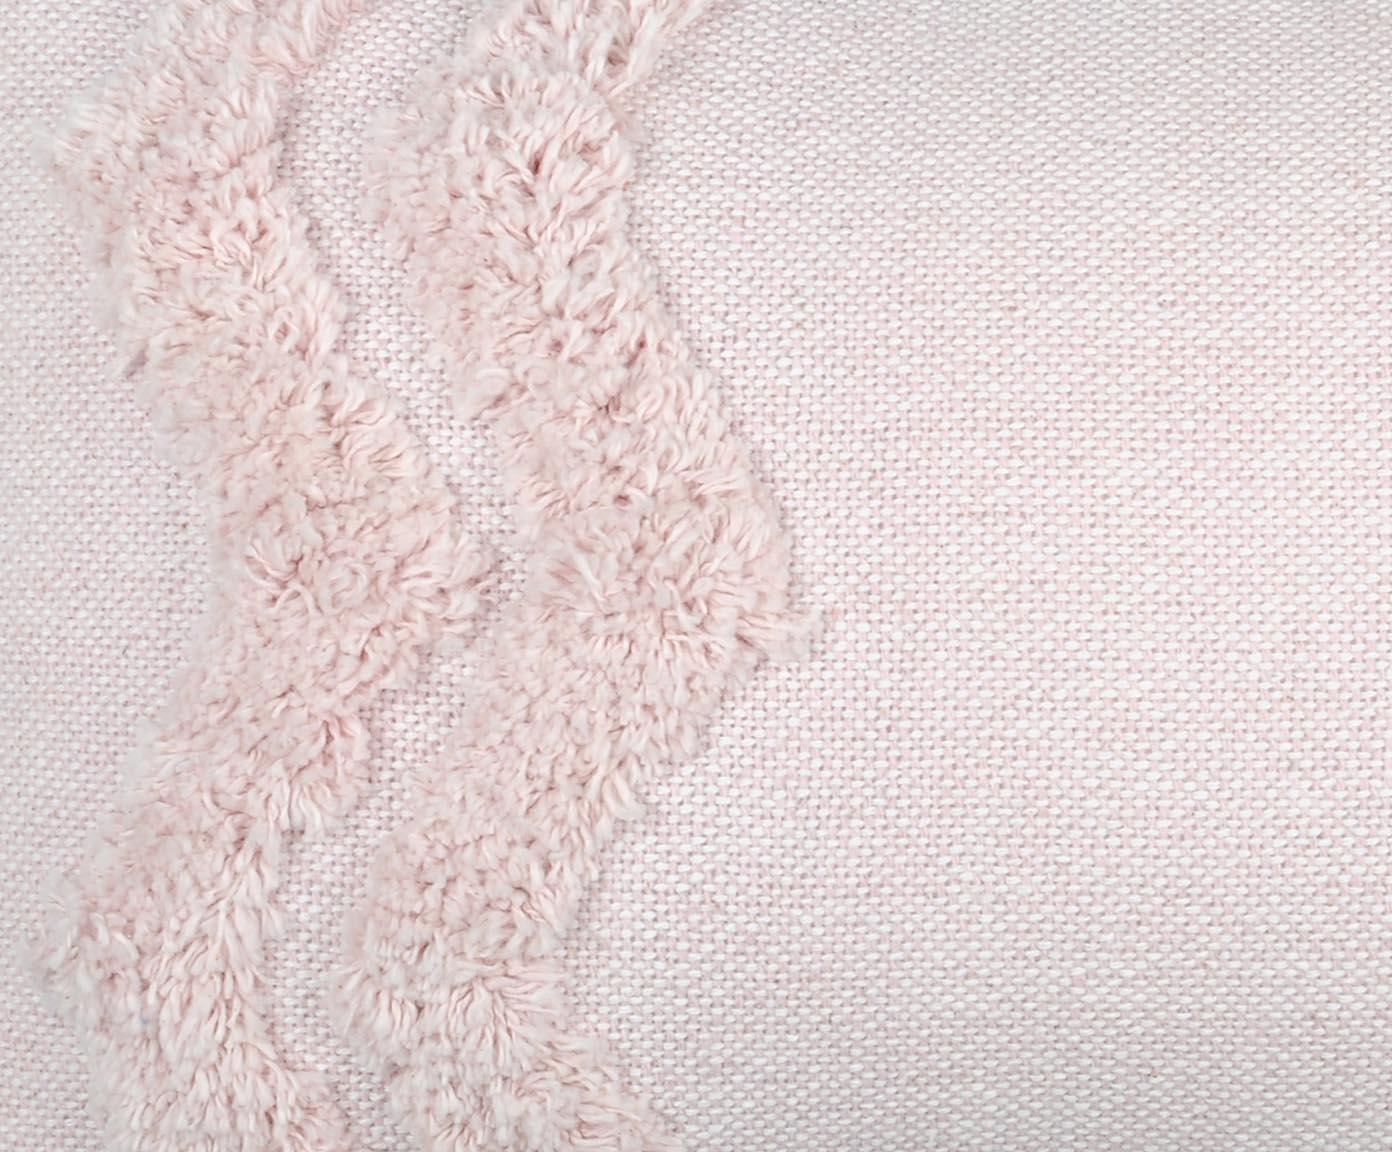 Kussen Blush in Rosa, met vulling, Katoen, Roze, 30 x 50 cm